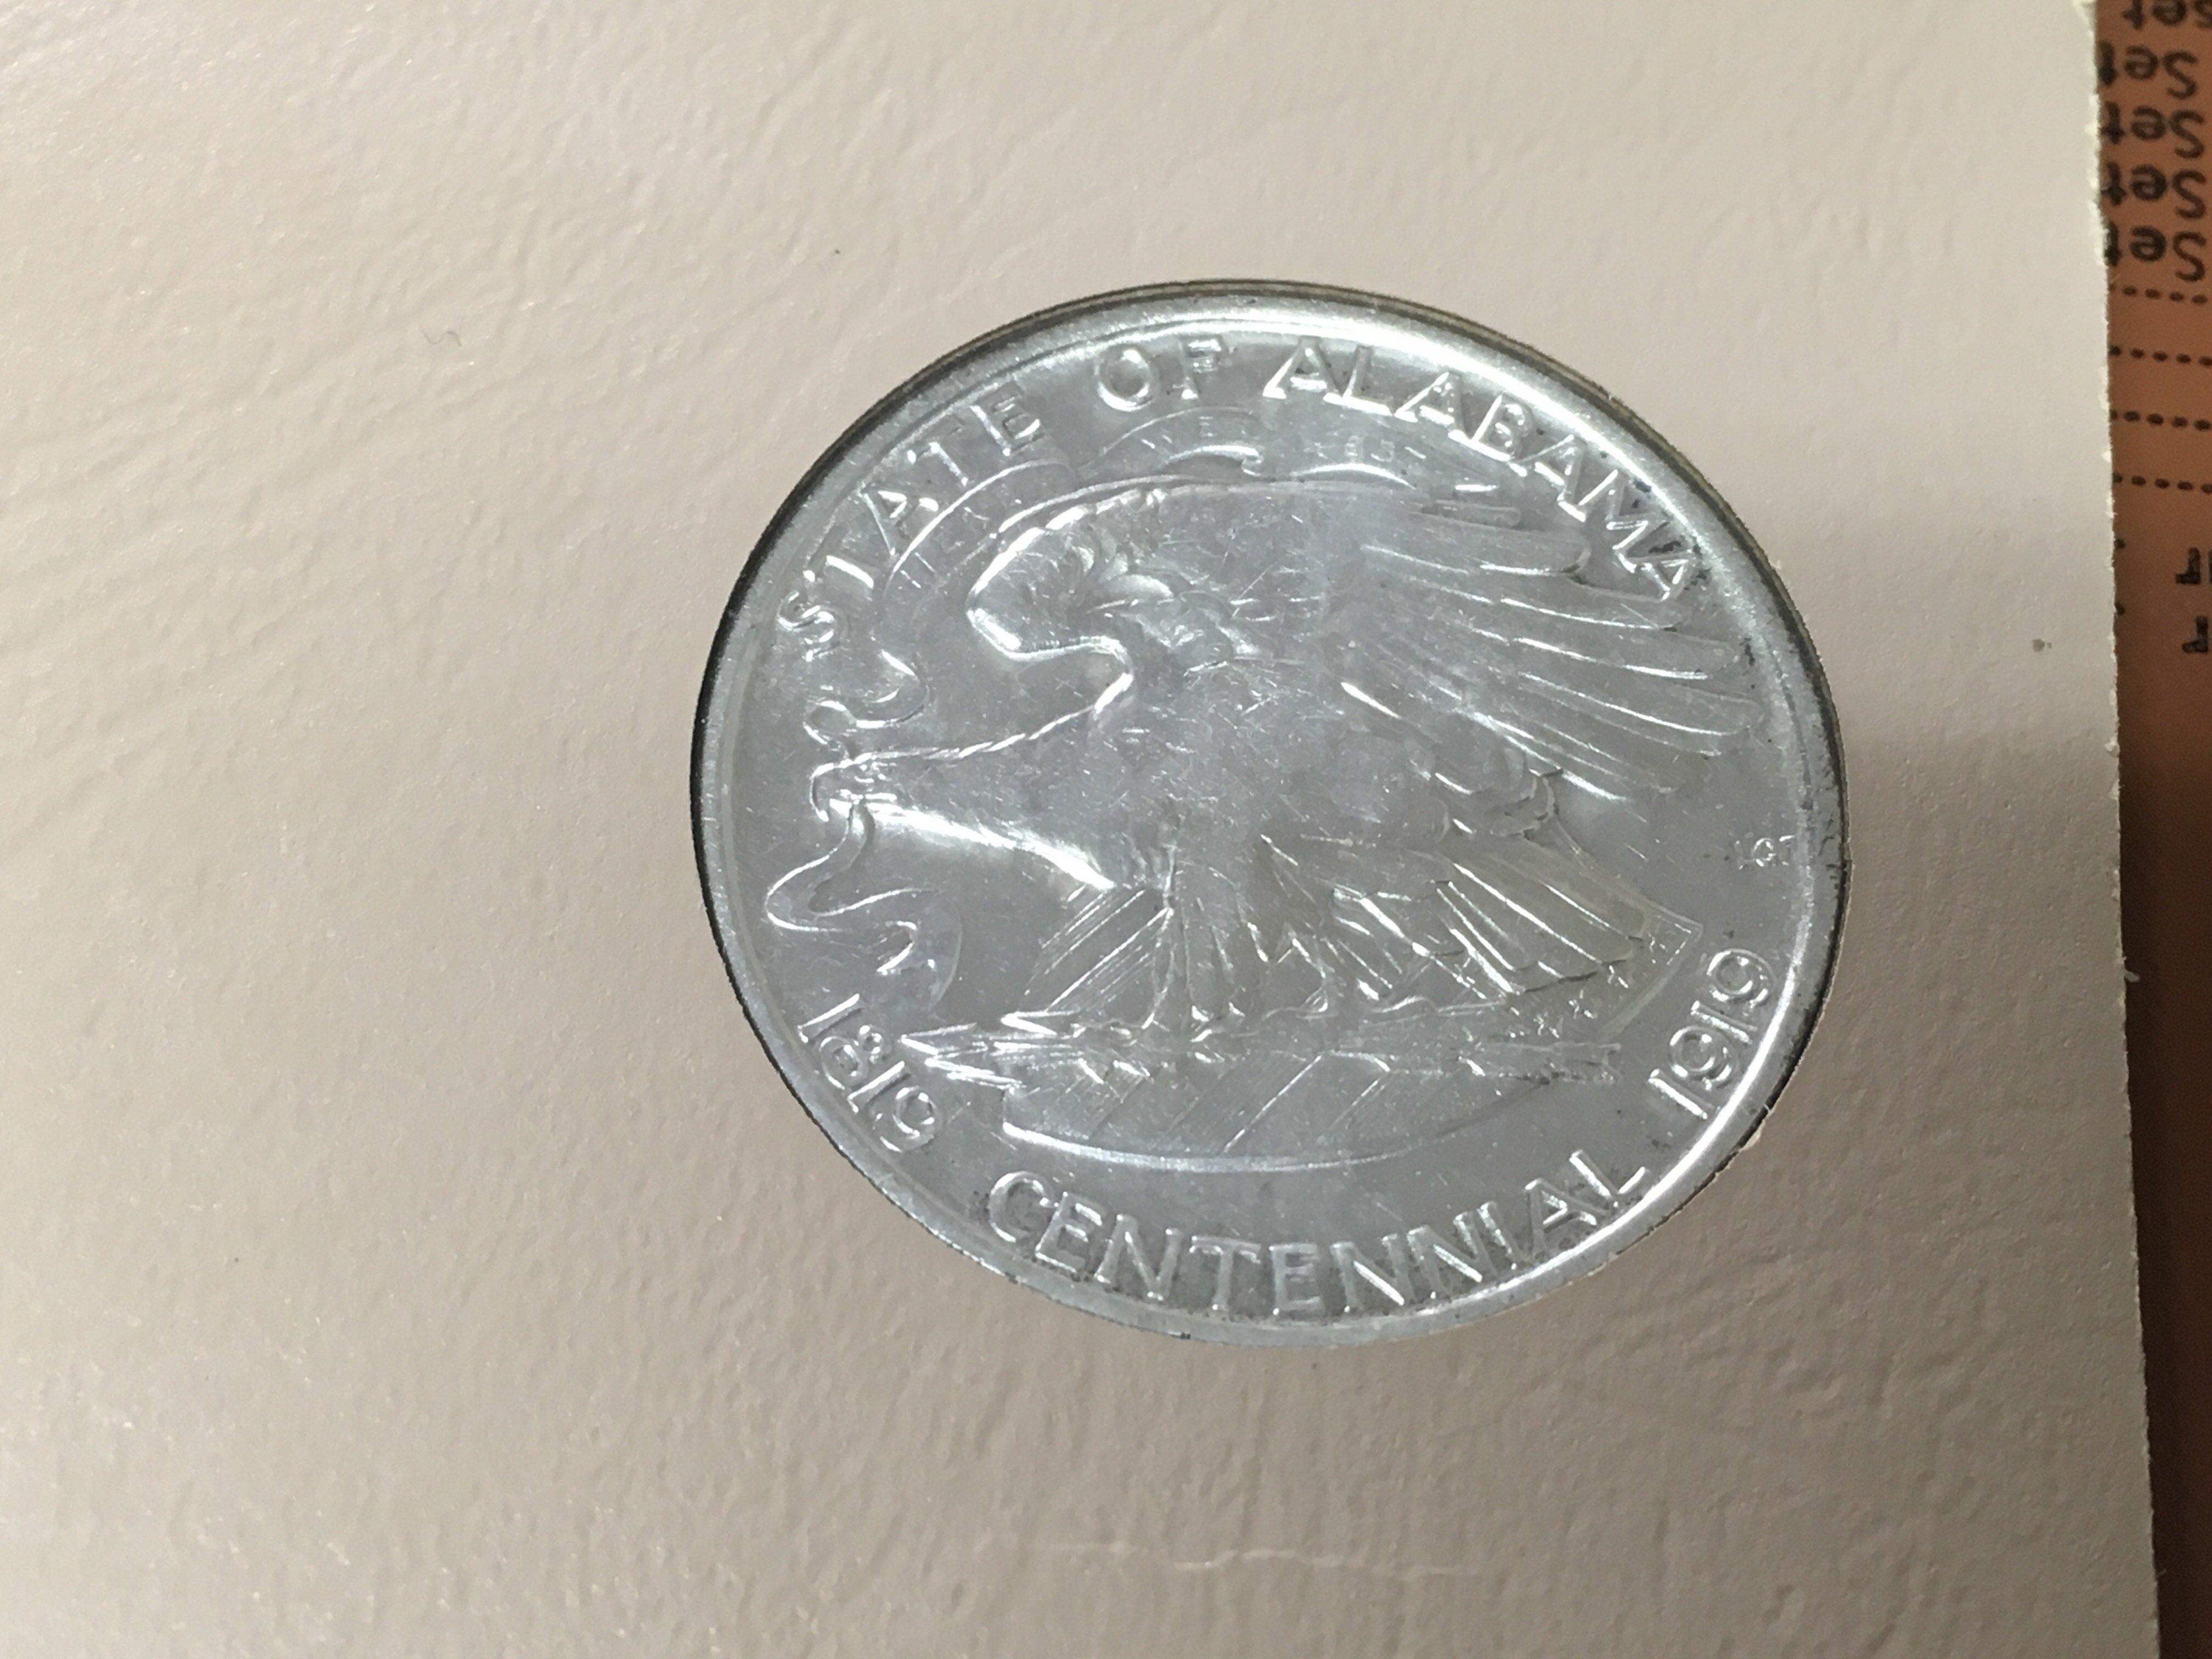 Lot 153 - A rare American 1921 half dollar commemorative coi